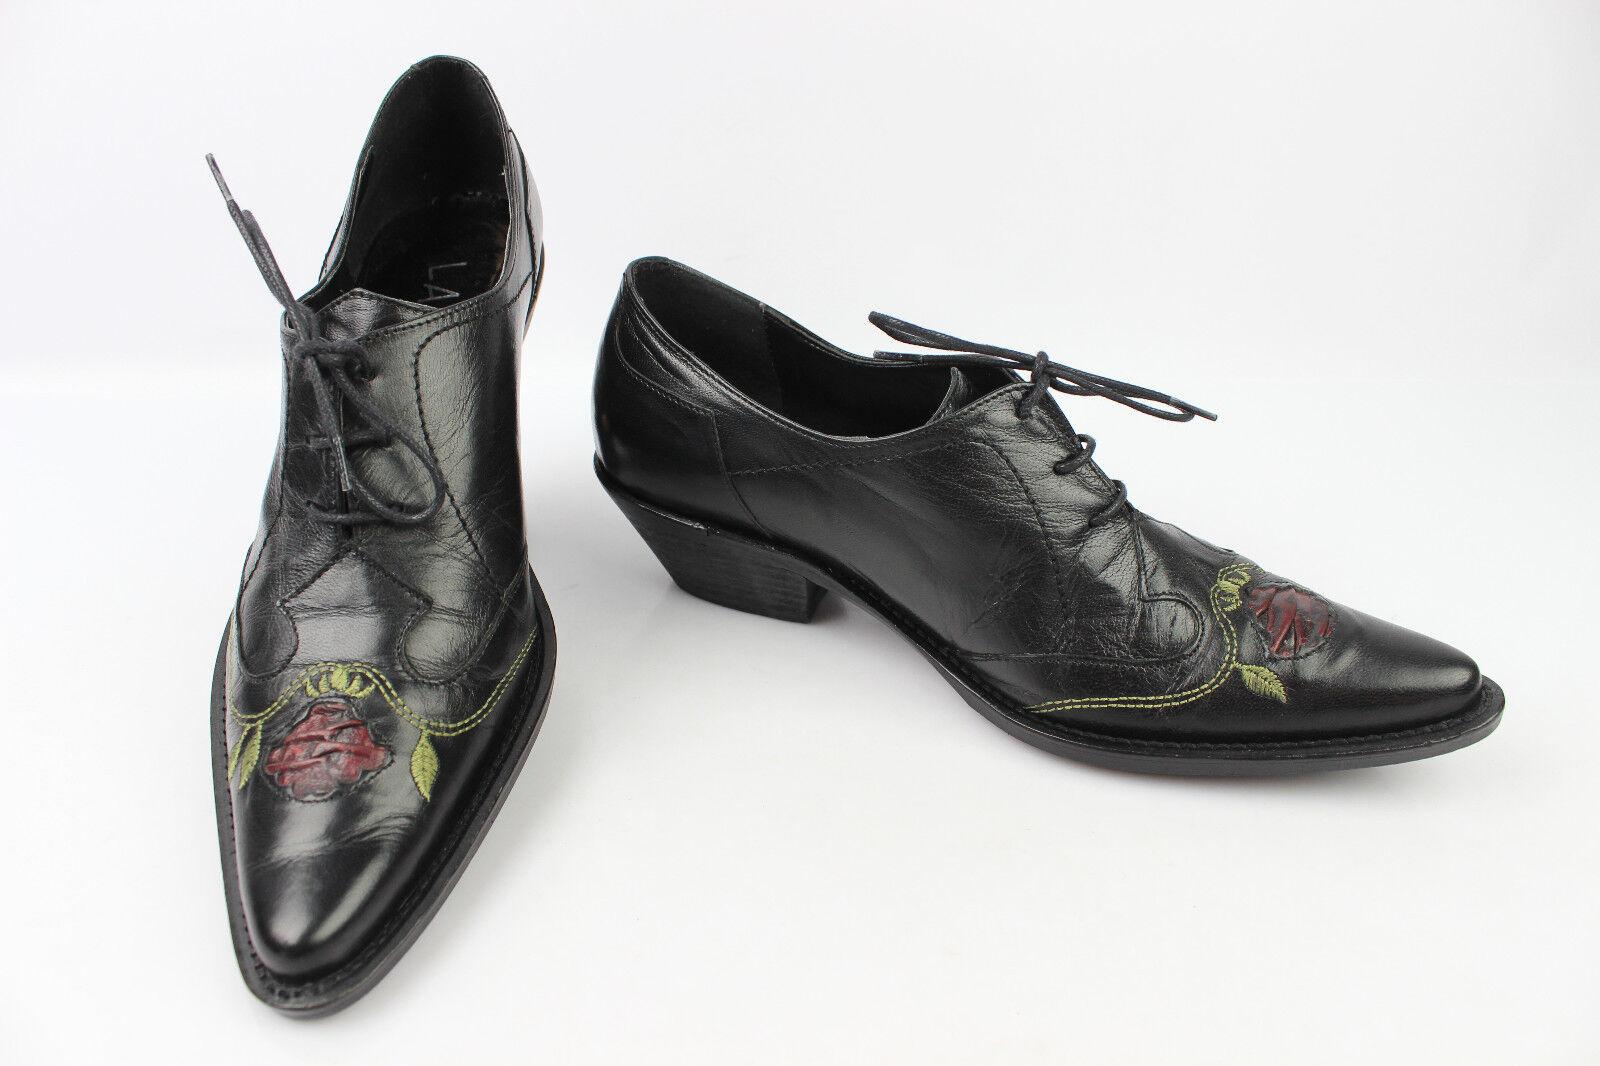 Zapatos de cordones Puntiagudas LASDIN LASDIN LASDIN Cuero Negro Bordado T 38 MUY BUEN ESTADO  varios tamaños